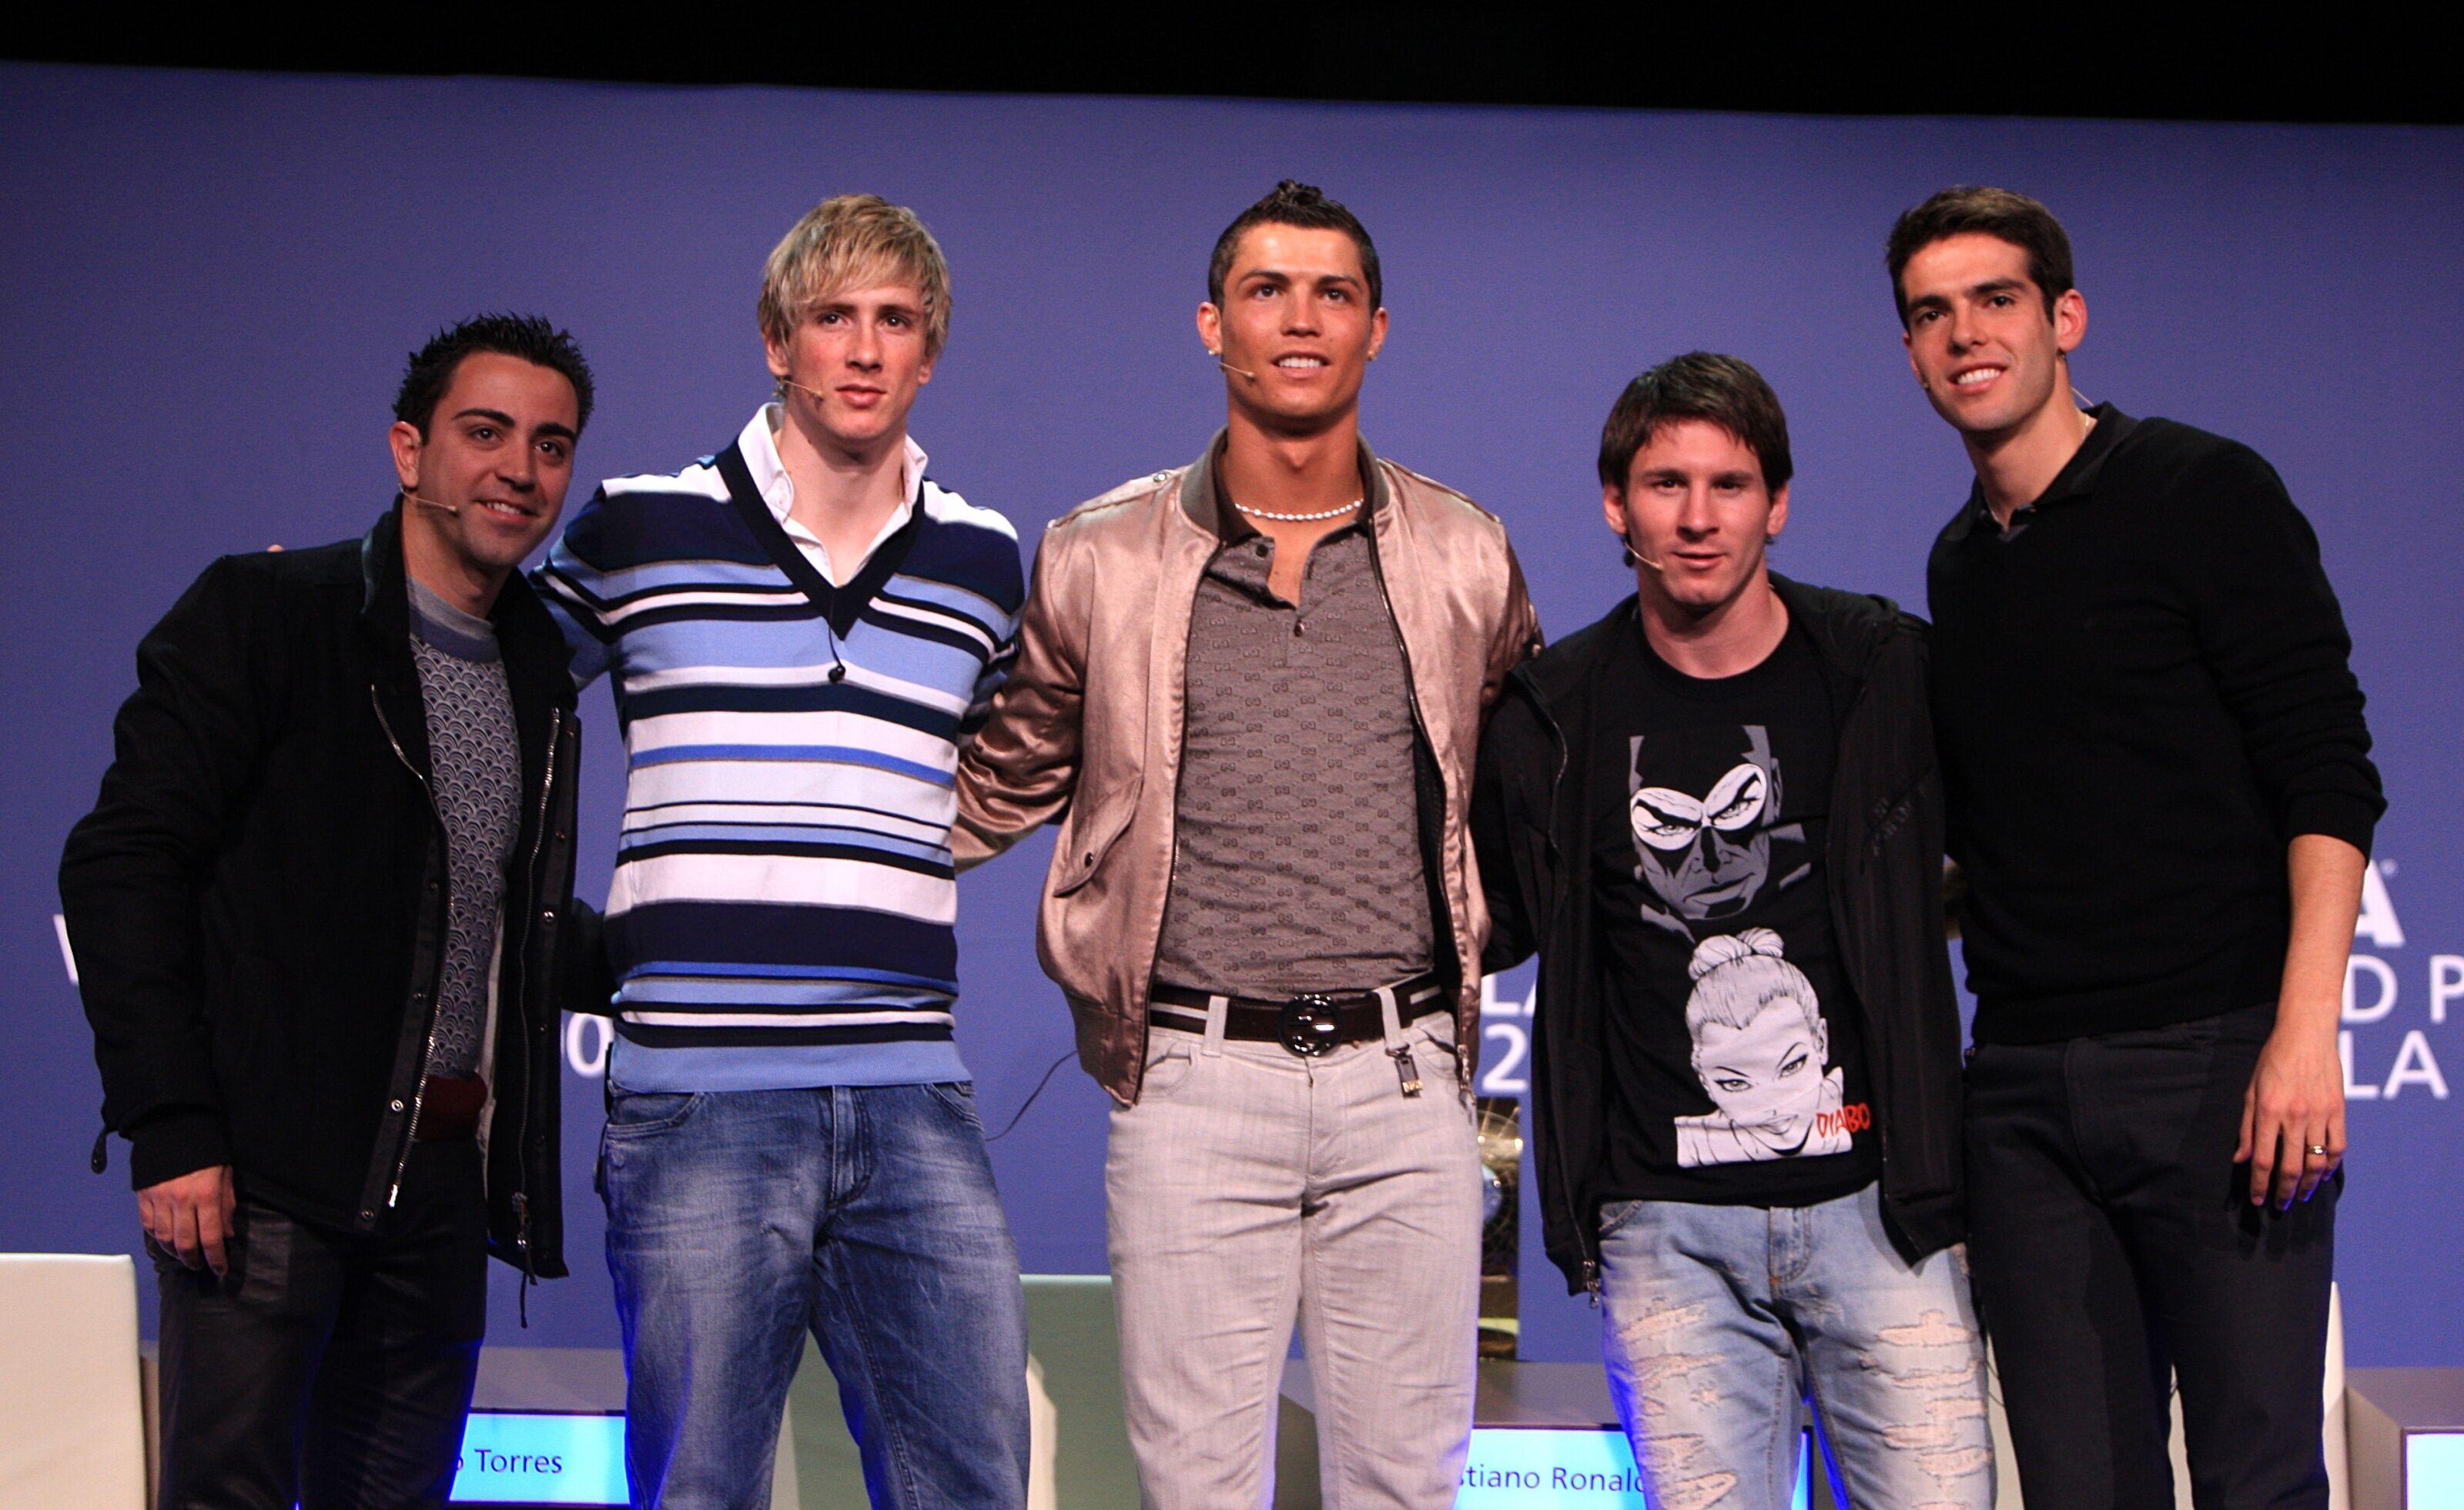 The Messi-Ronaldo Debate debate